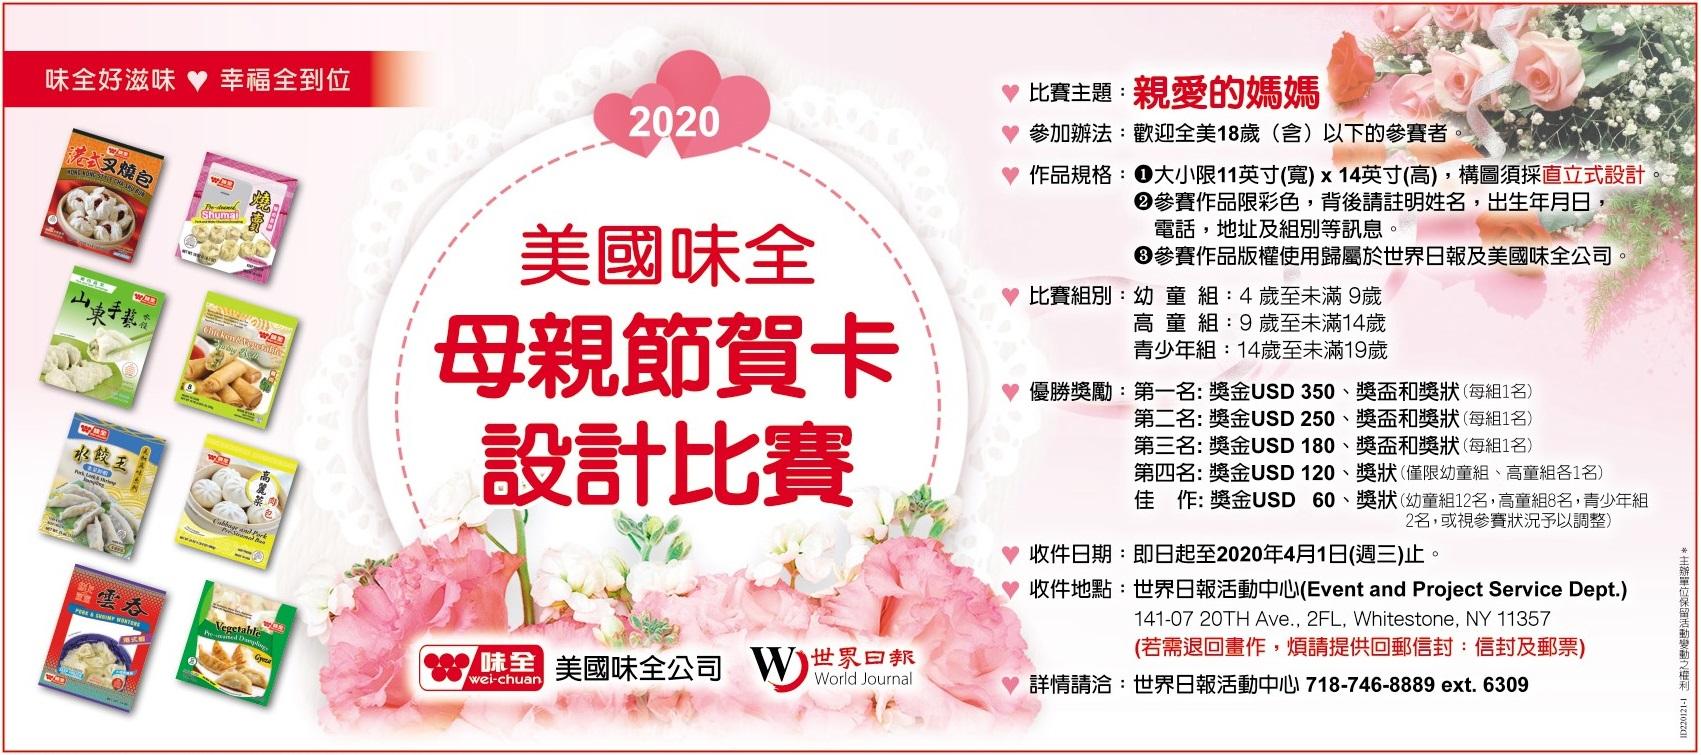 世界日報與美國味全公司合辦母親節賀卡設計比賽,將於4月1日截稿。